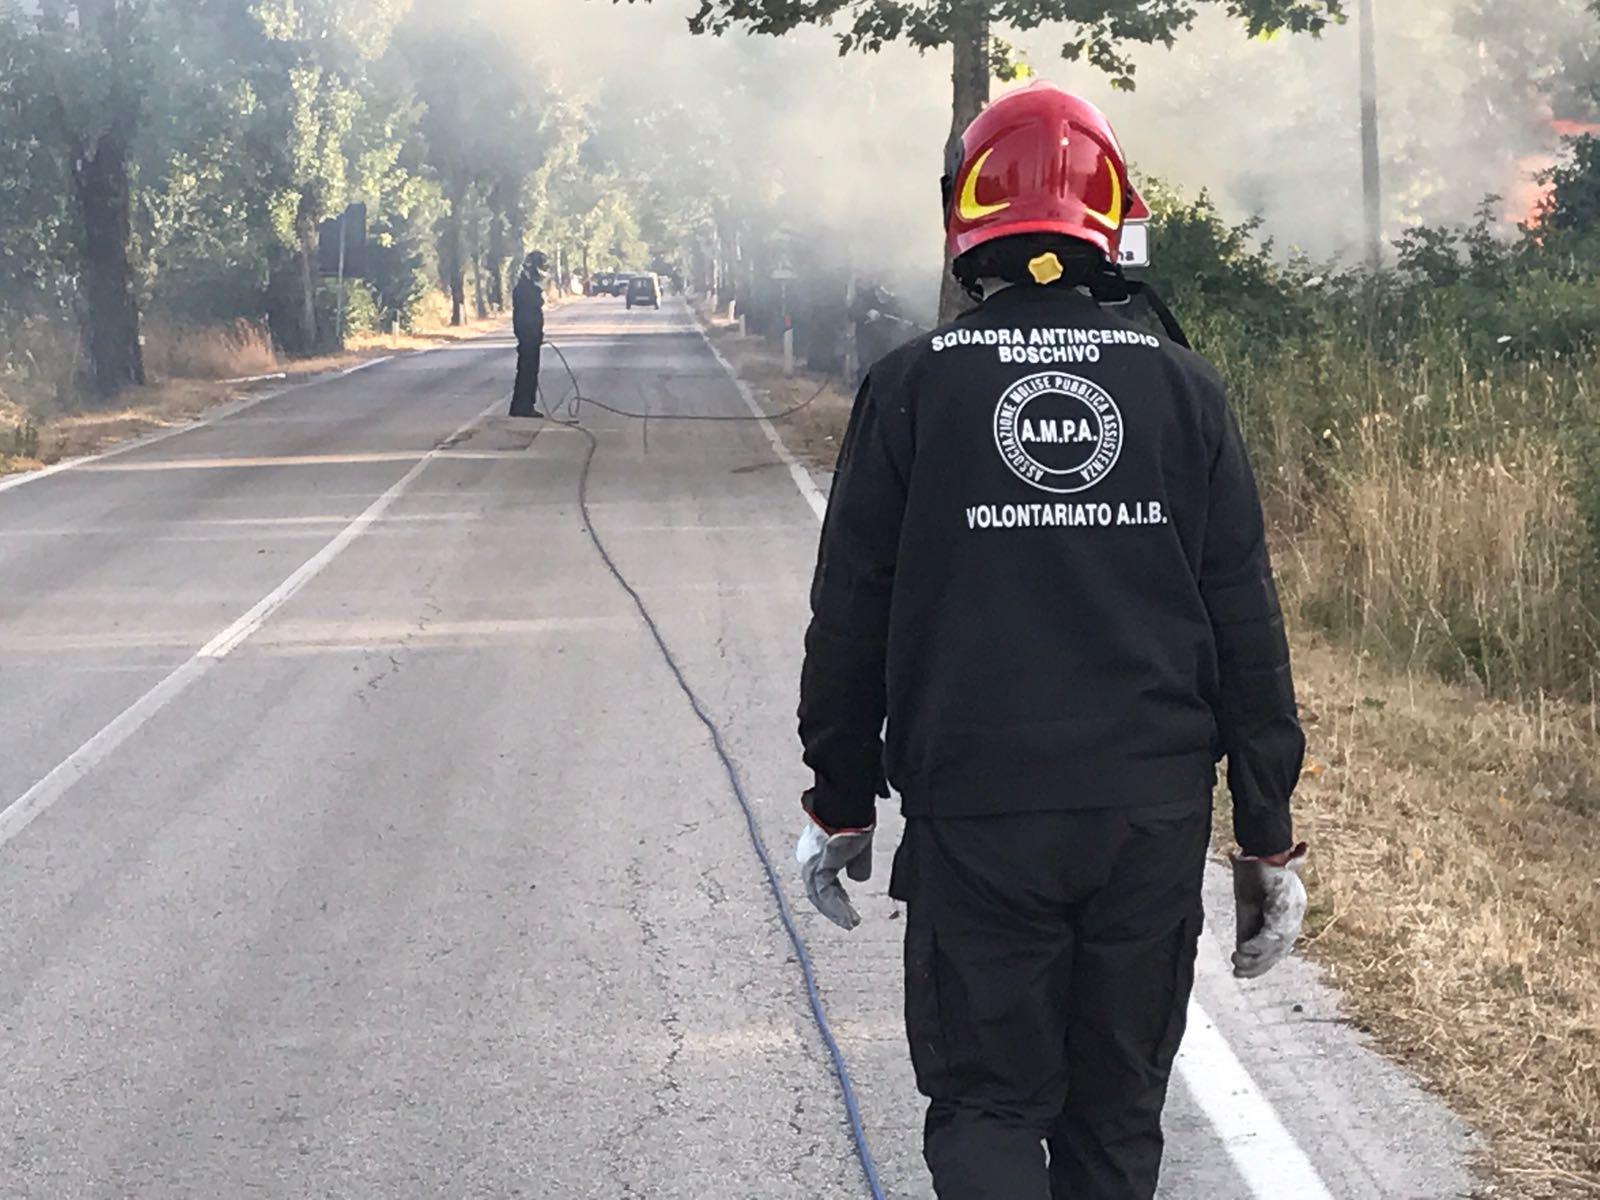 Ampa, servizio antincendio